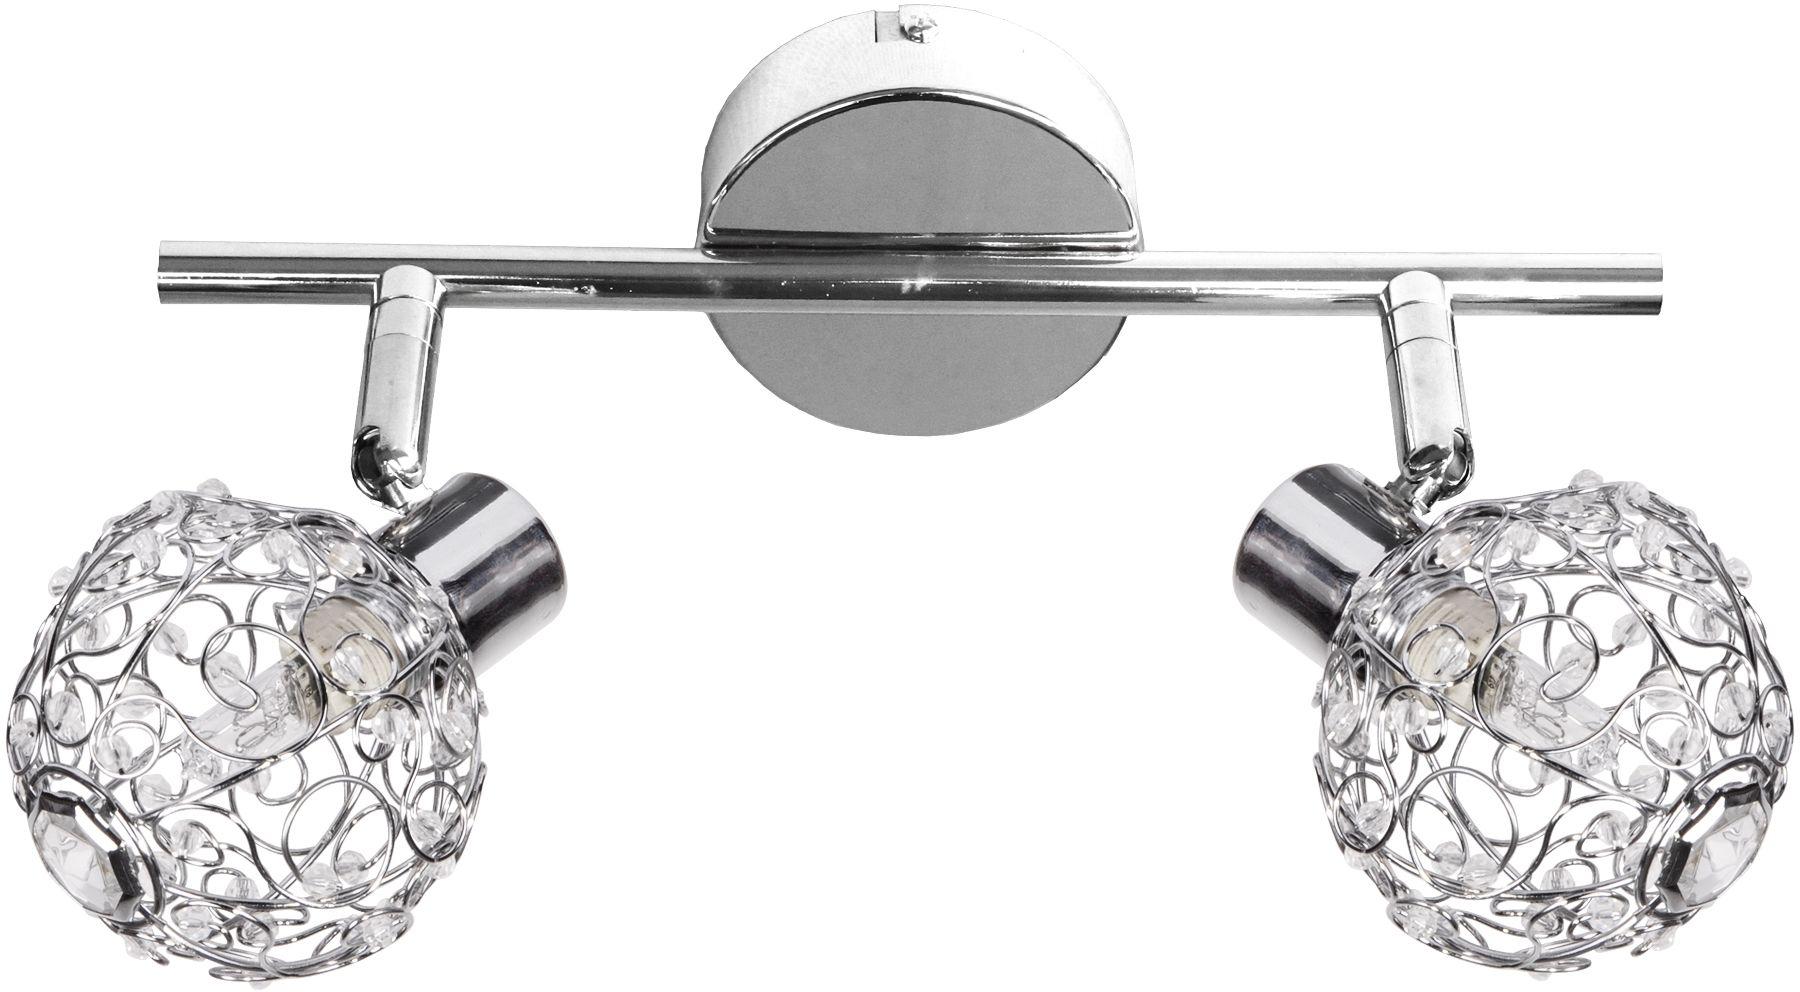 Candellux COLLAR 92-13644 kinkiet lampa ścienna chrom klosik druciany koraliki z akrylu 2X40W G9 27cm